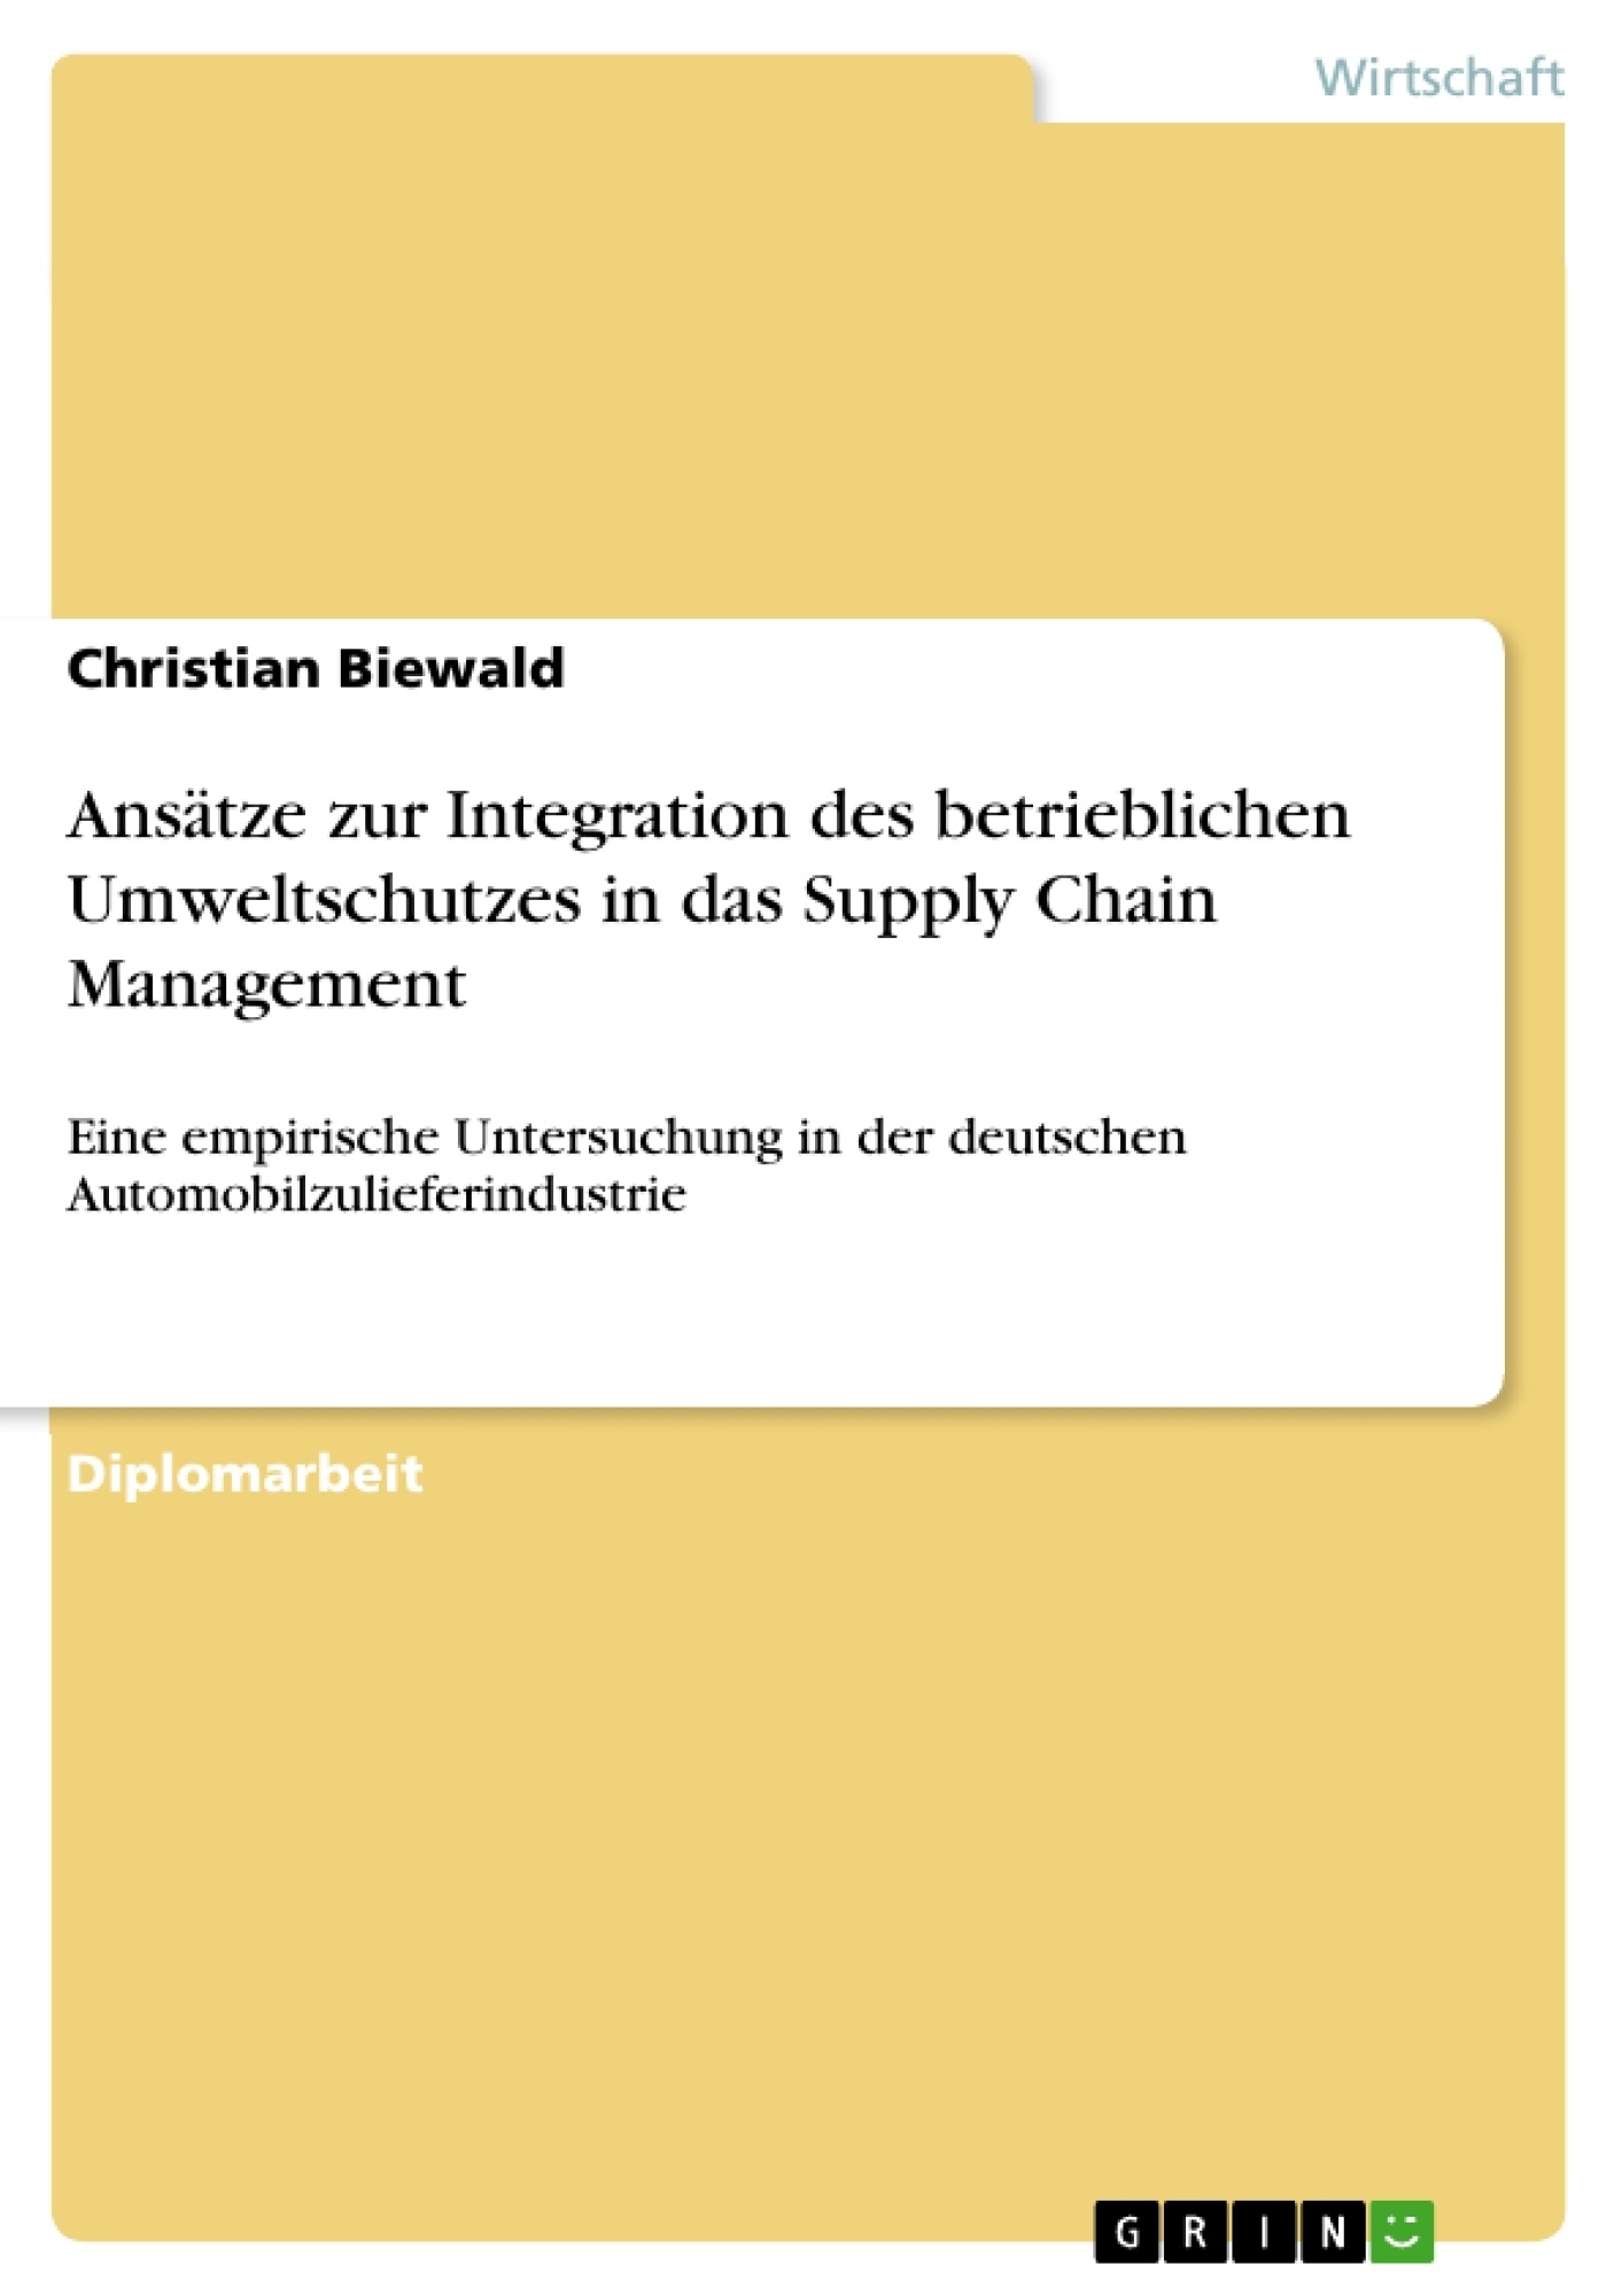 Titel: Ansätze zur Integration des betrieblichen Umweltschutzes in das Supply Chain Management